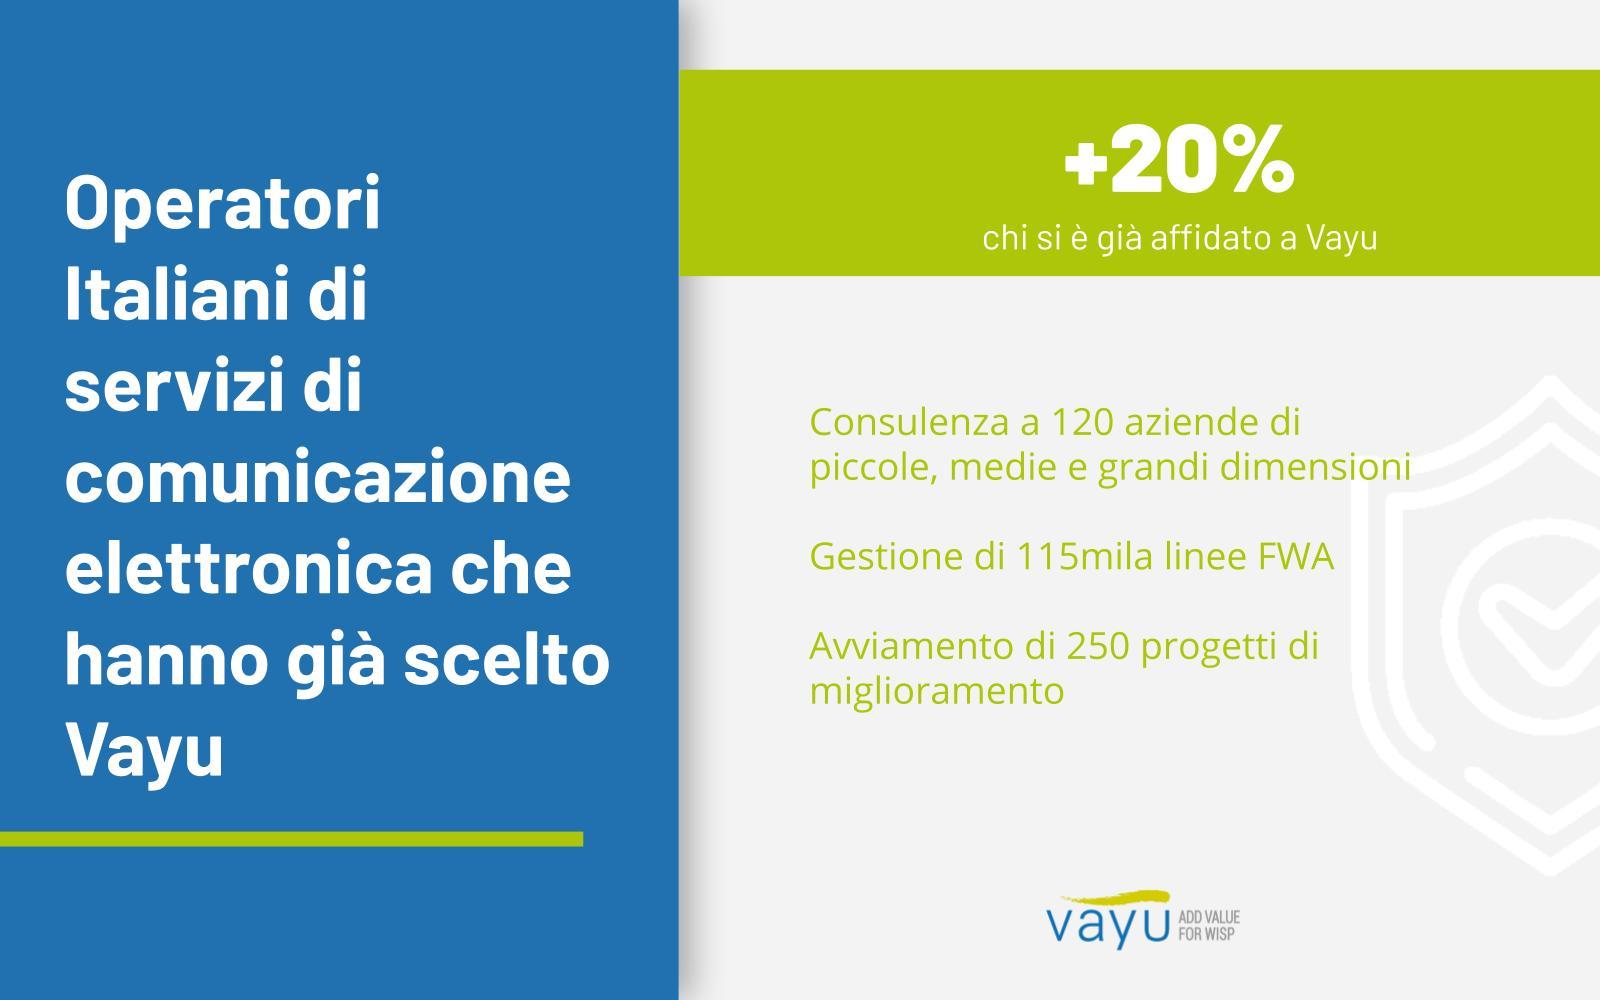 Wisp e Isp italiani scelgono Vayu: ecco perché